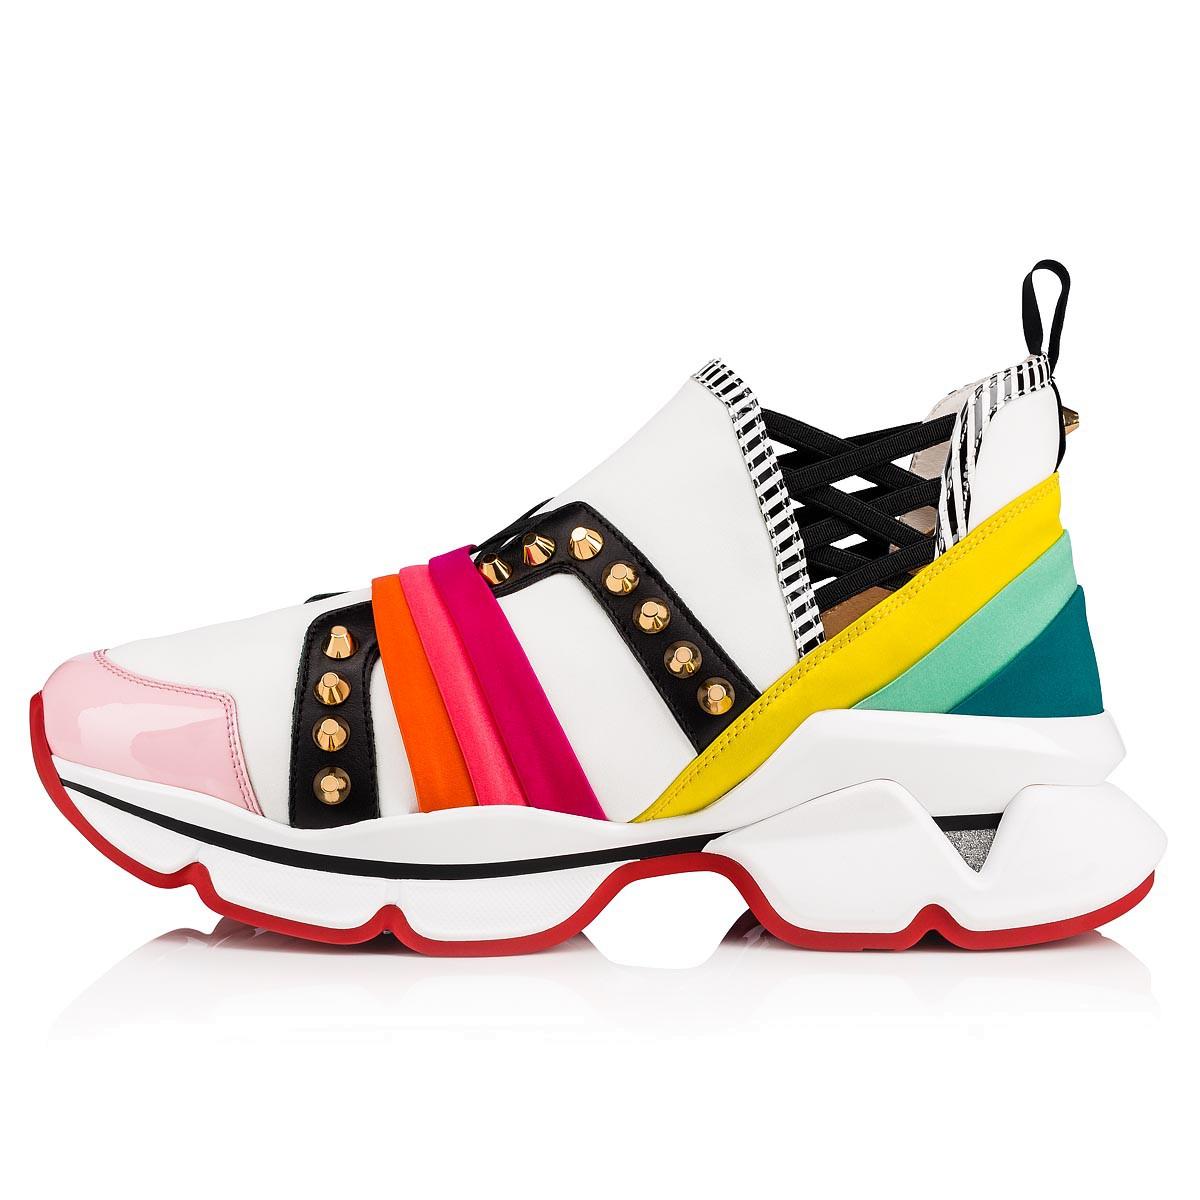 Shoes - 123 Run - Christian Louboutin